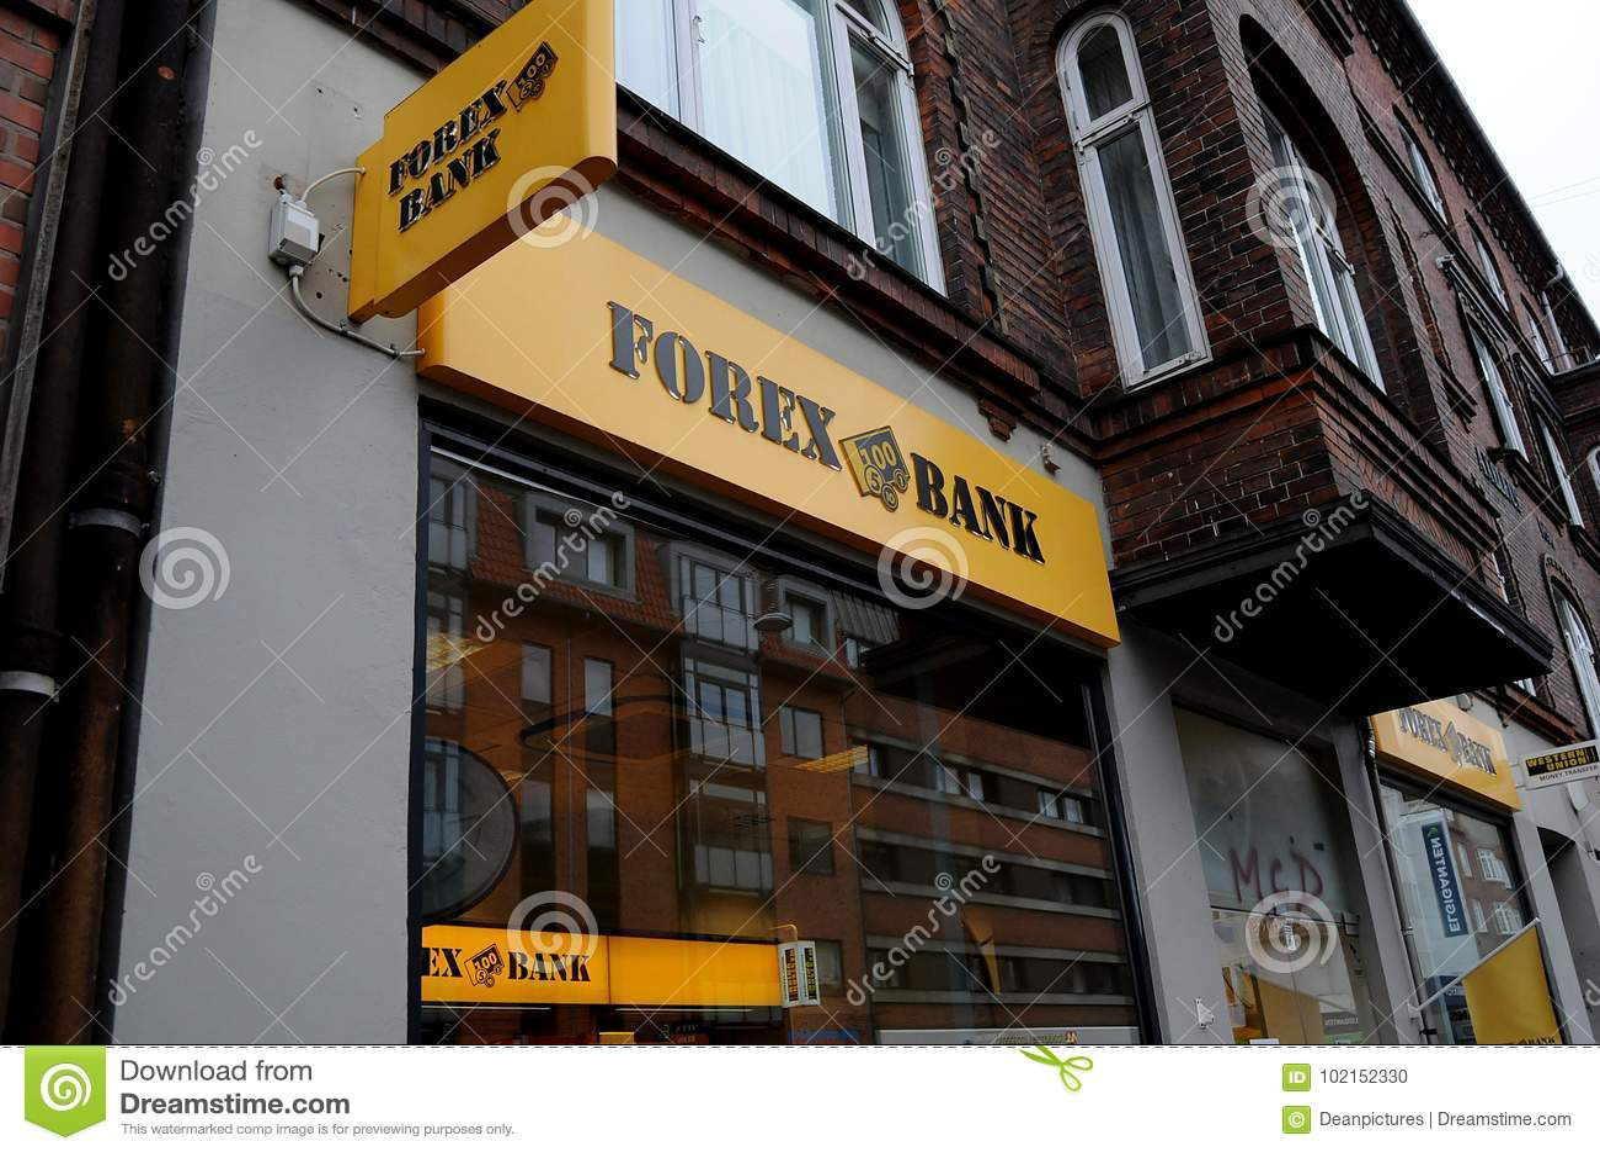 forex bank nfp kereskedés bináris opciókkal